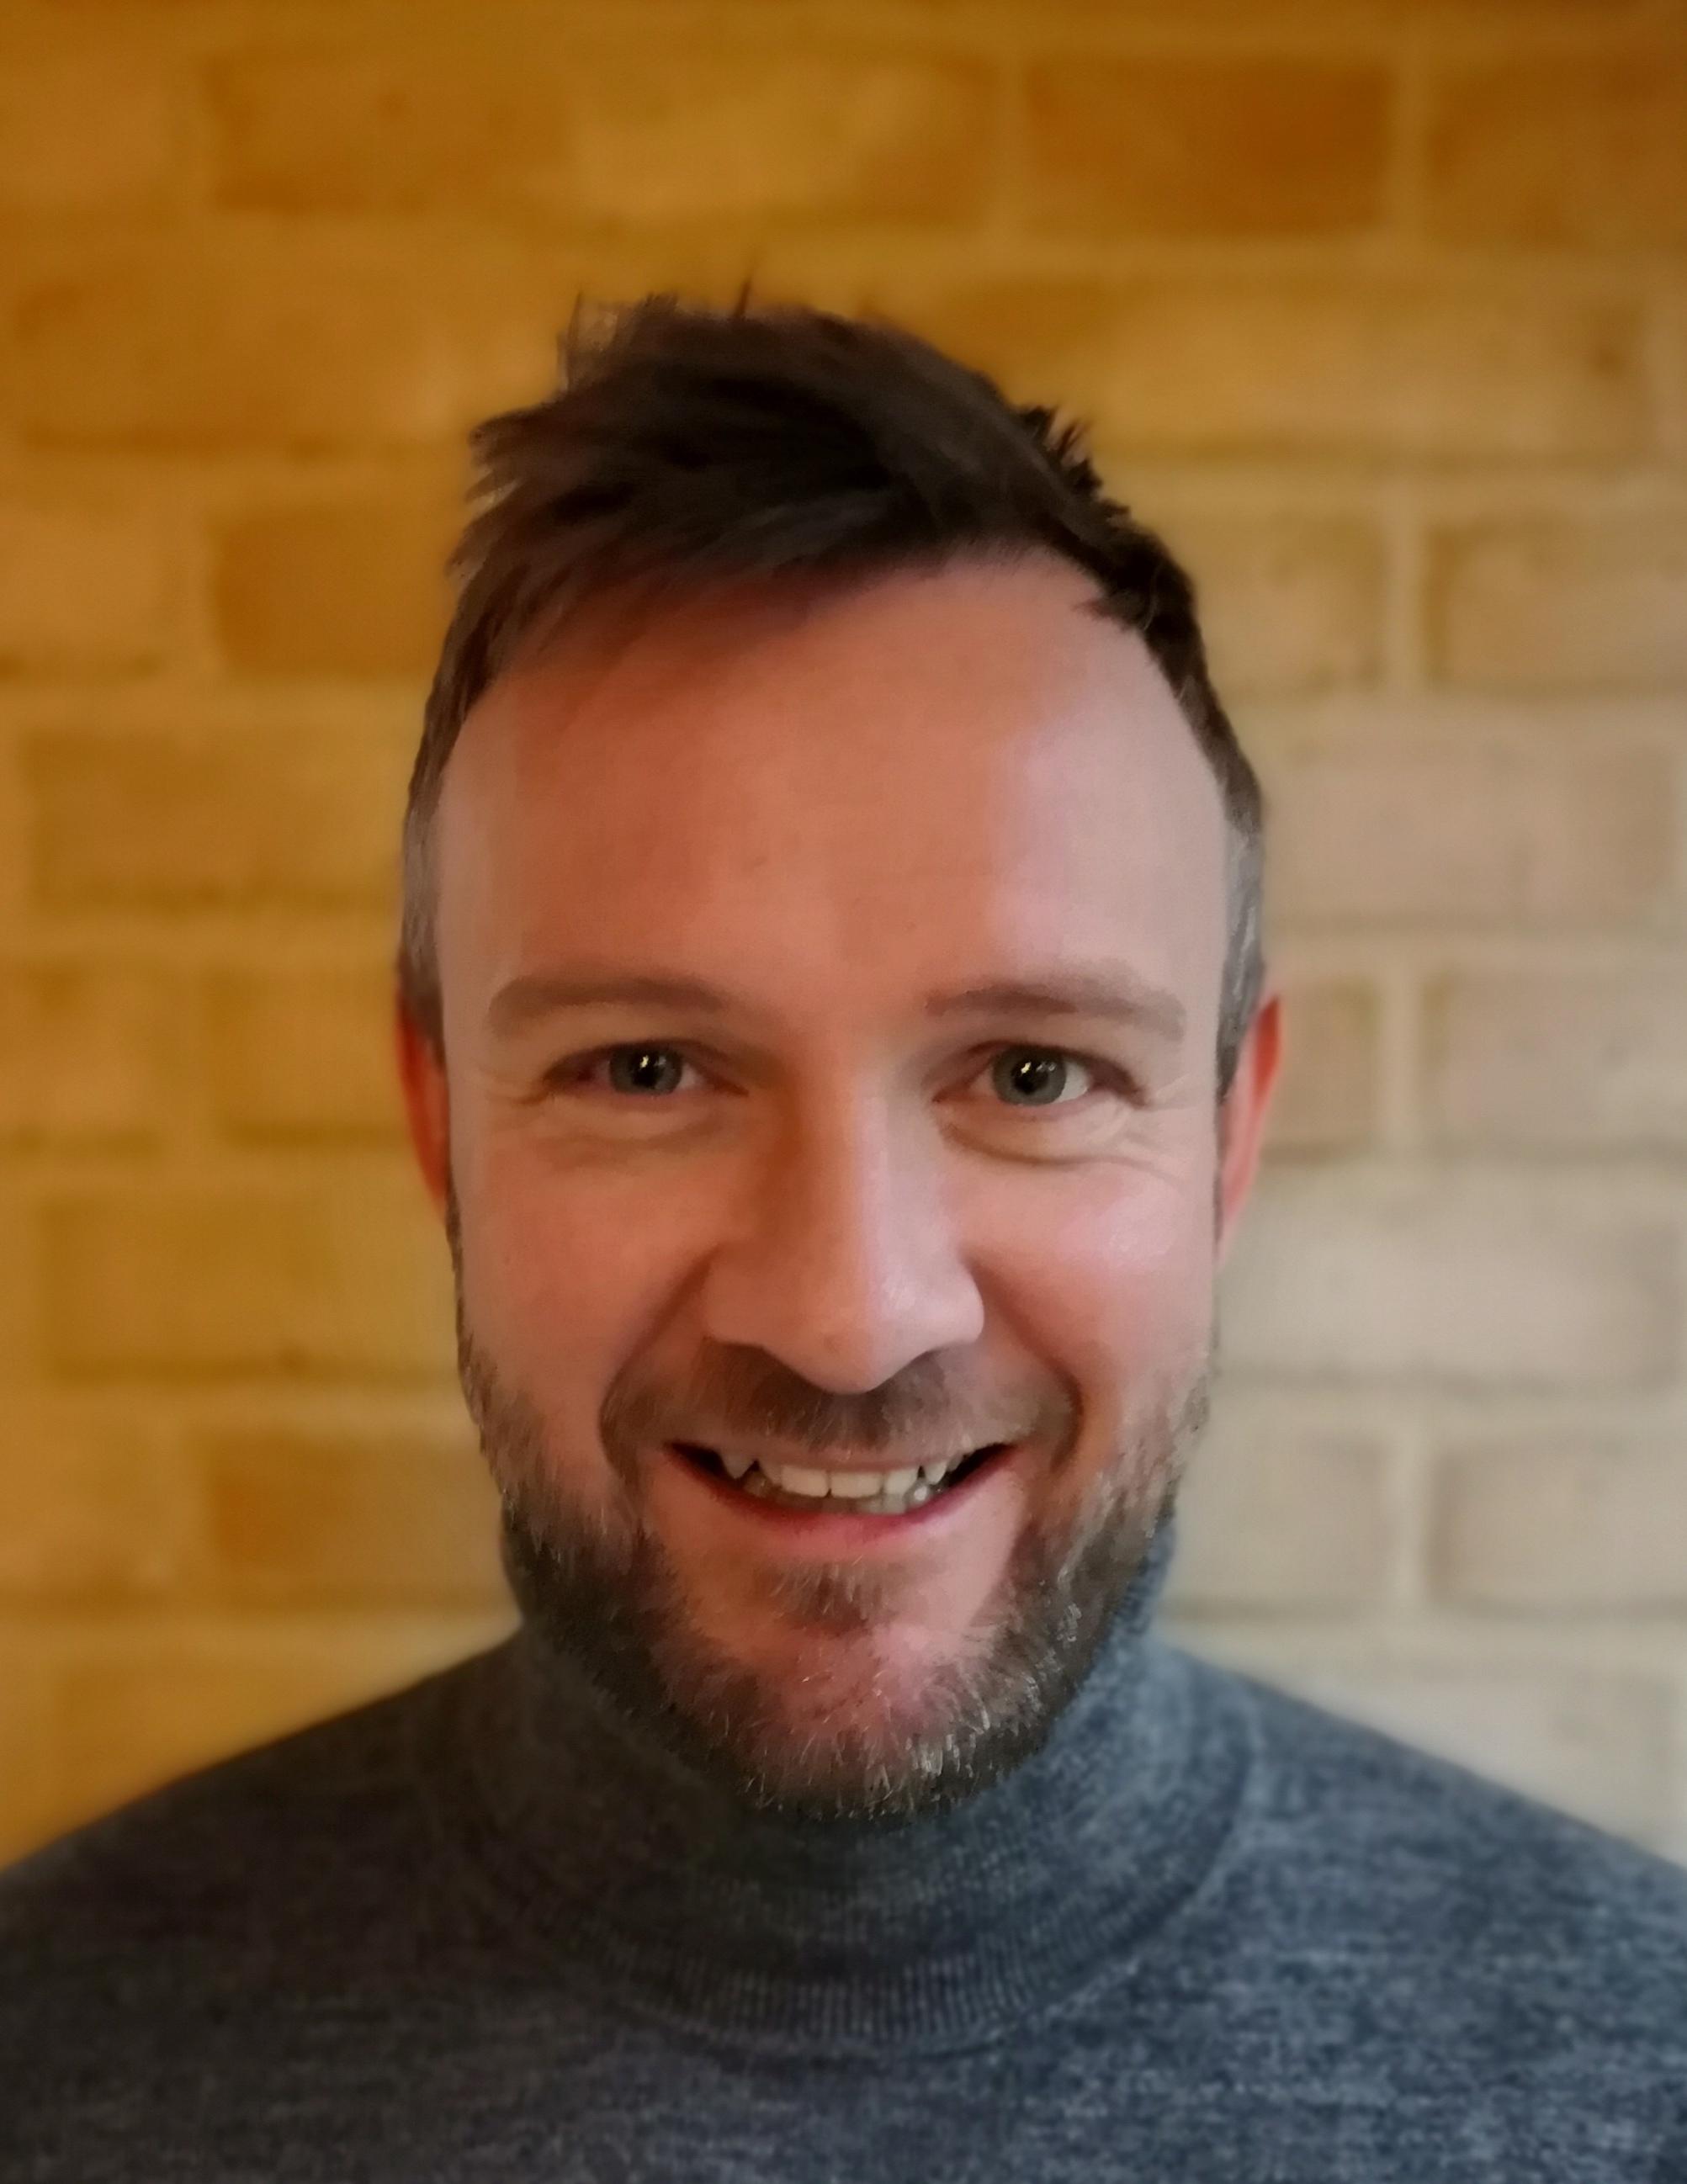 Jens Christian Krarup Bjerring